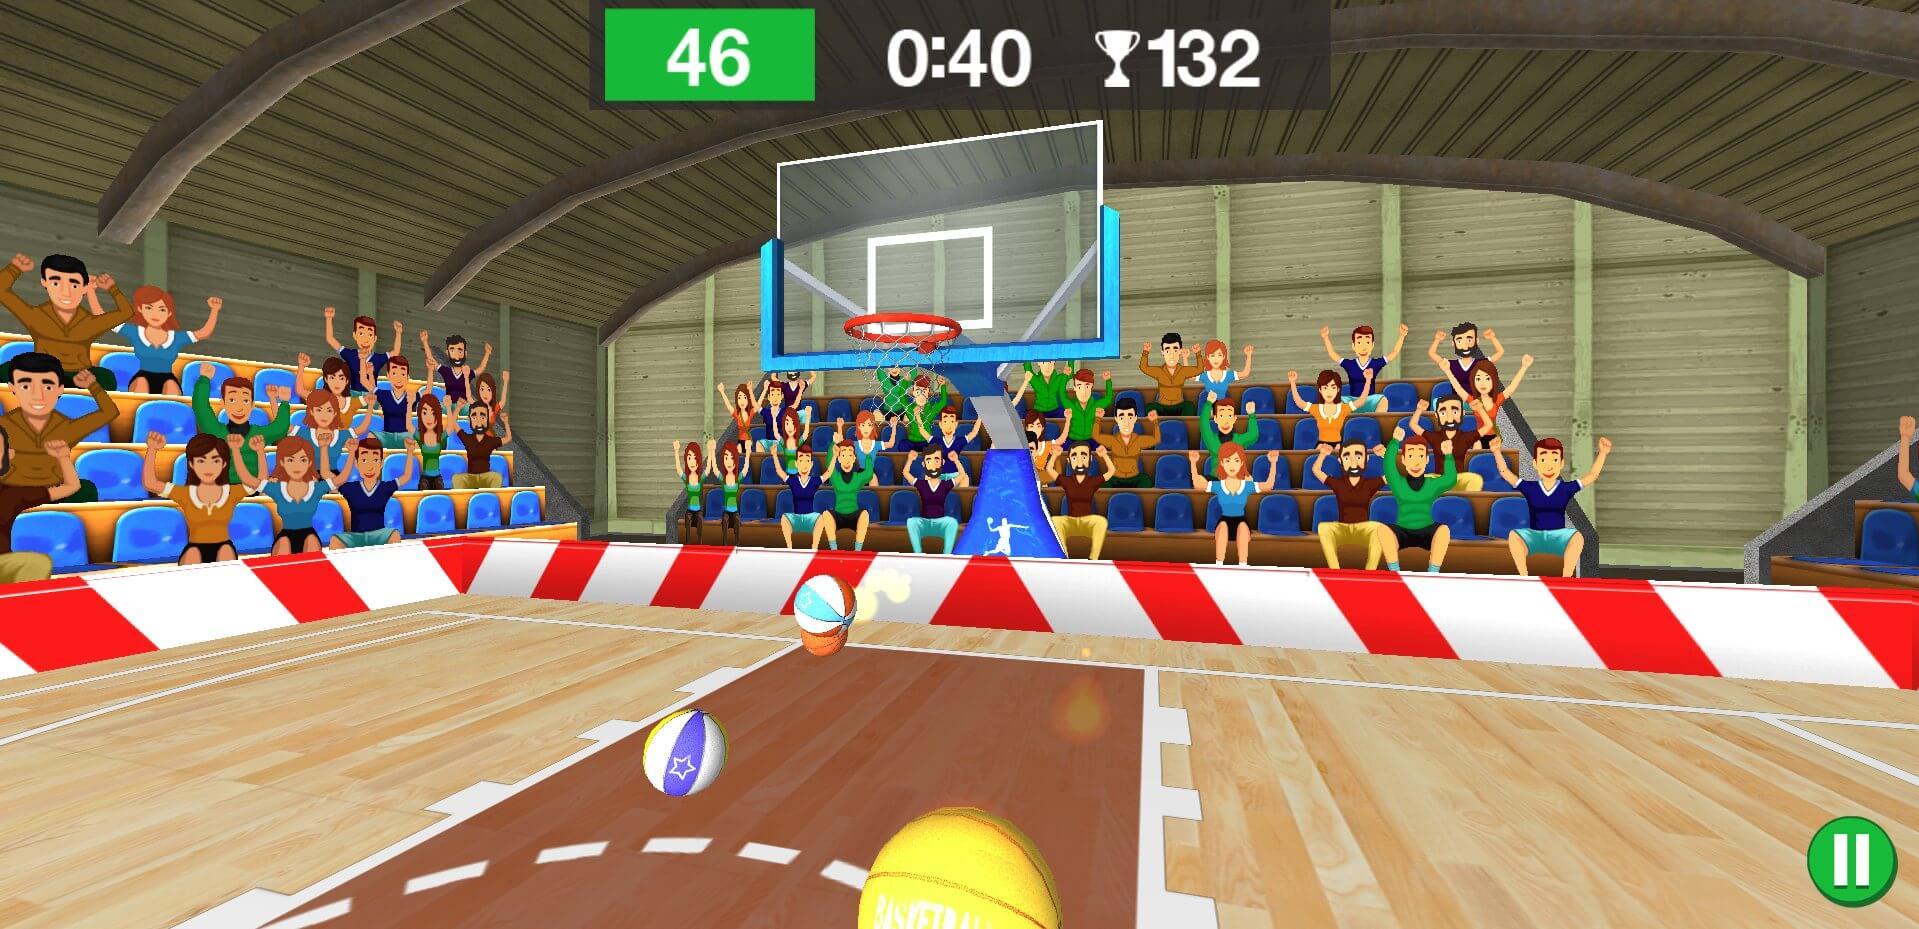 راهنمای بازی آنلاین بسکتبال سه بعدی